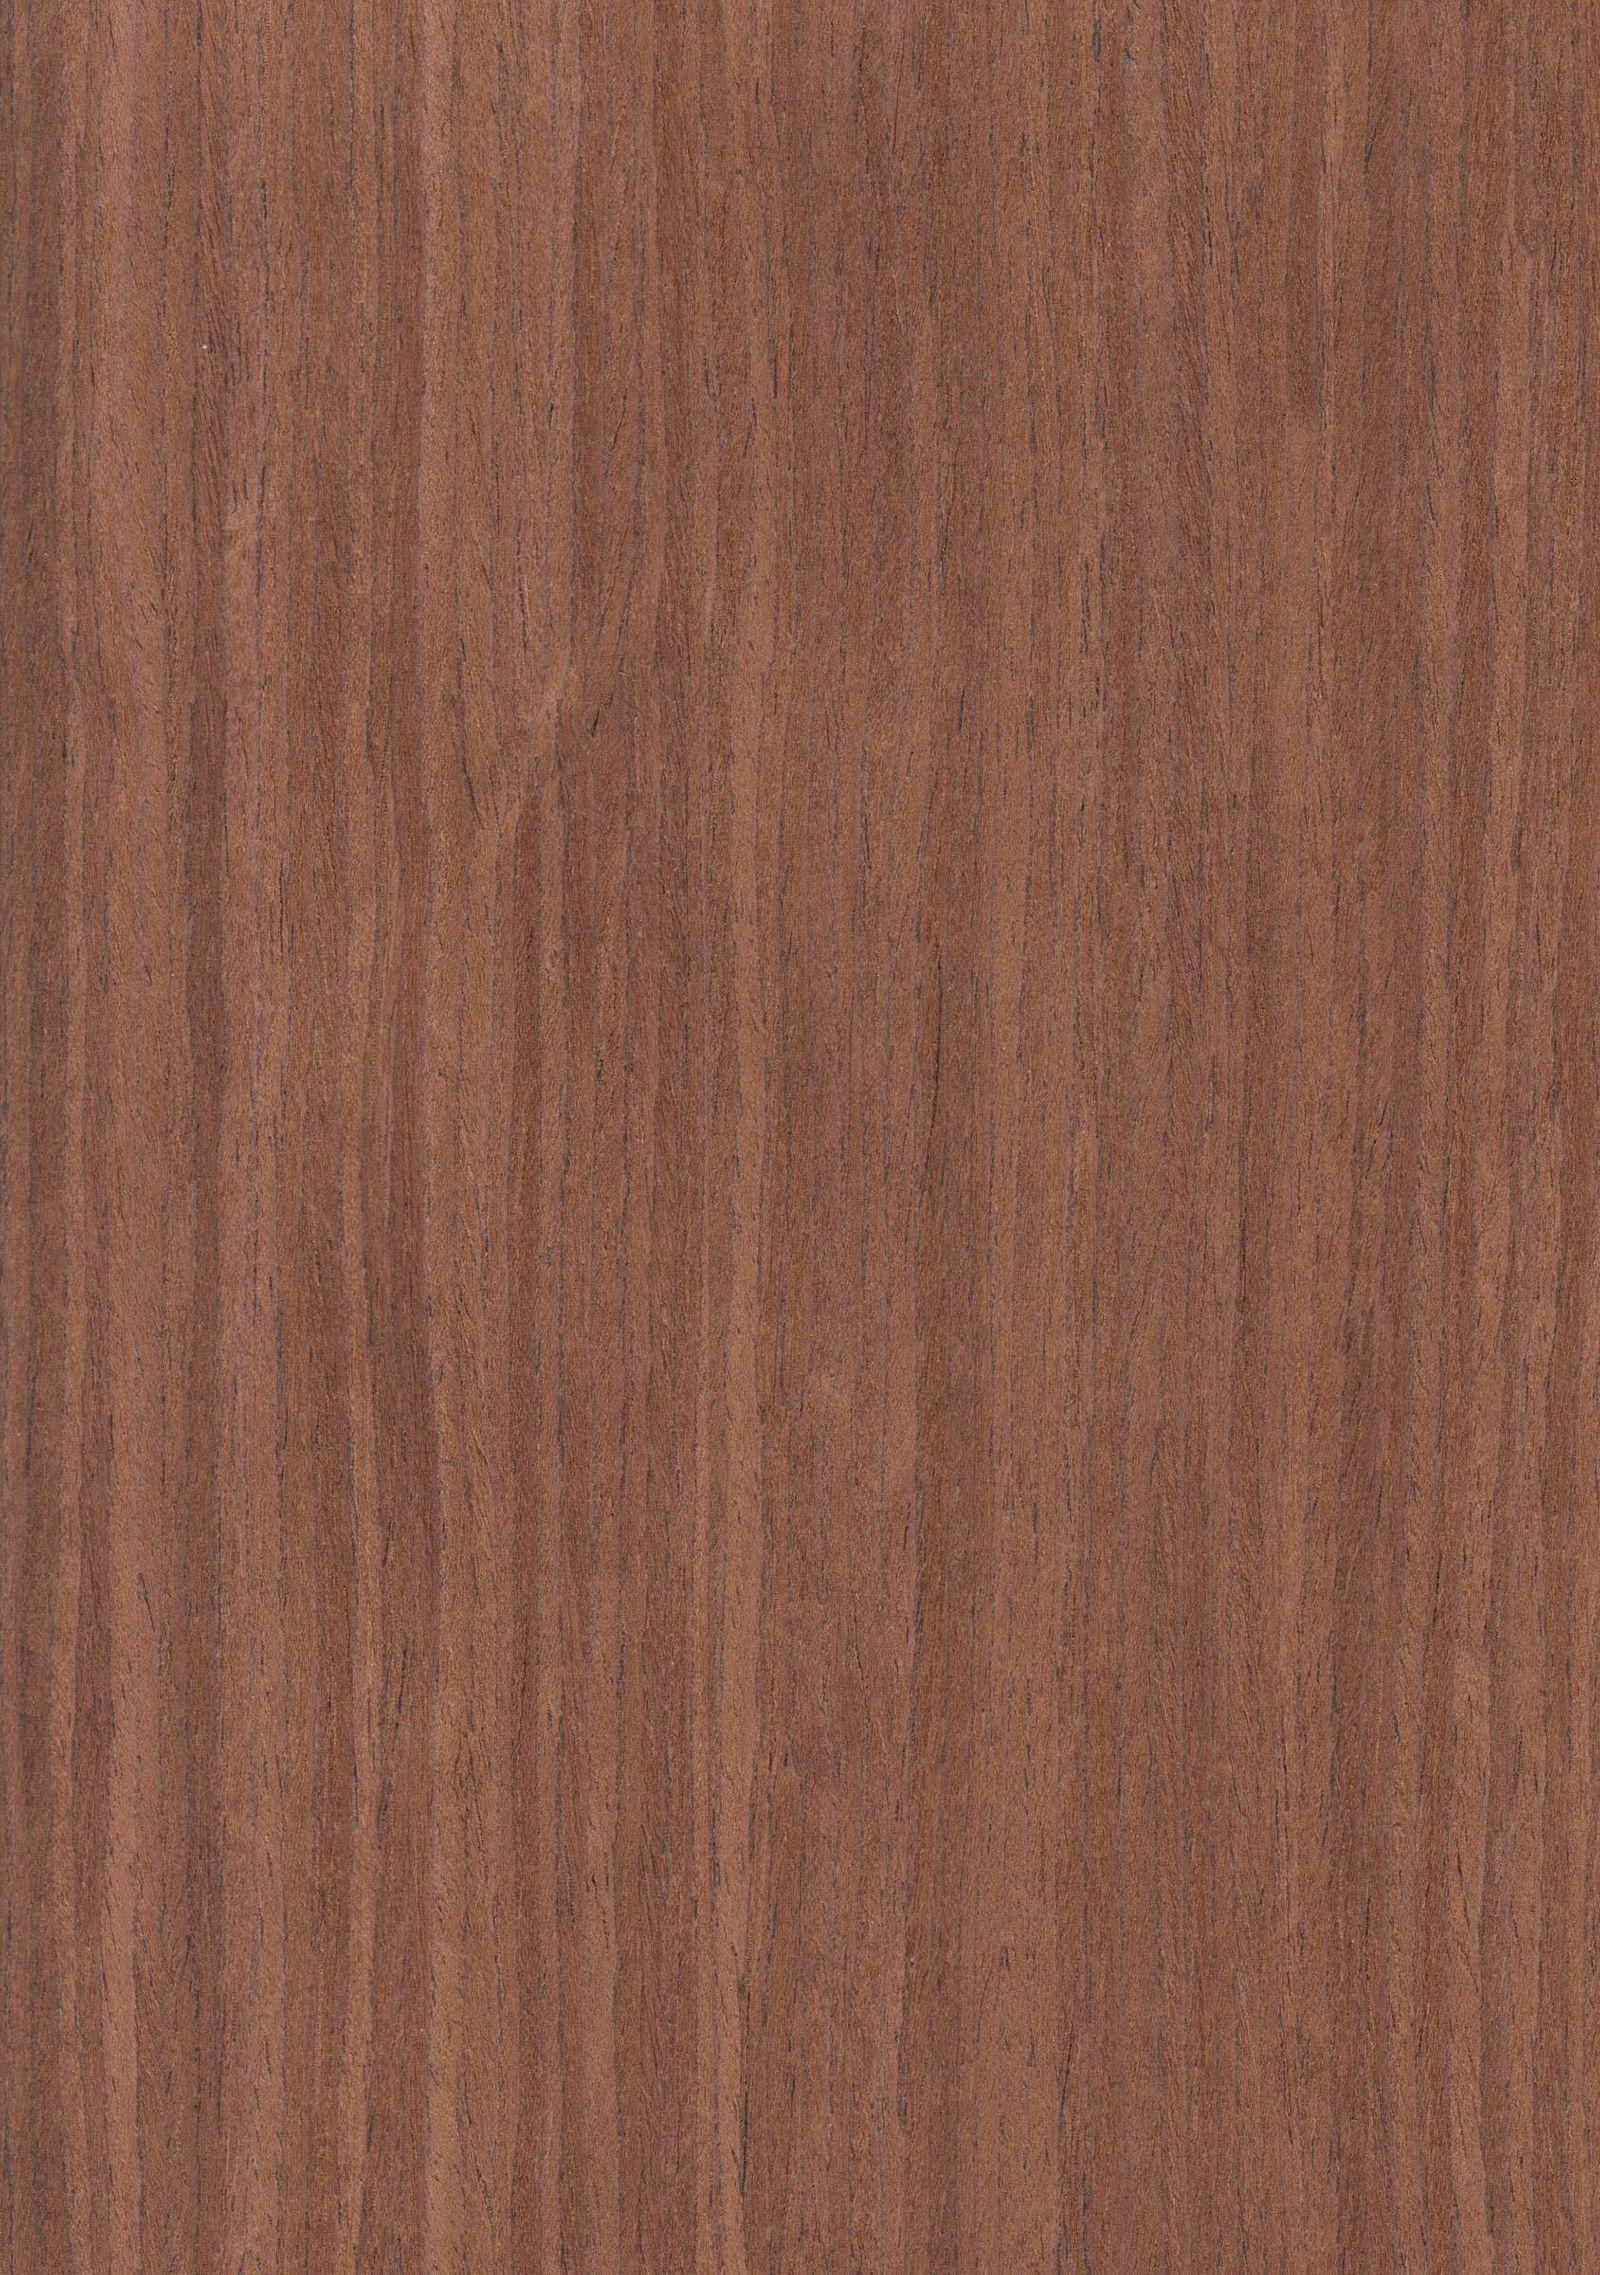 673 Rosewood Wood Veneers In 2019 Wood Texture Wood Veneer